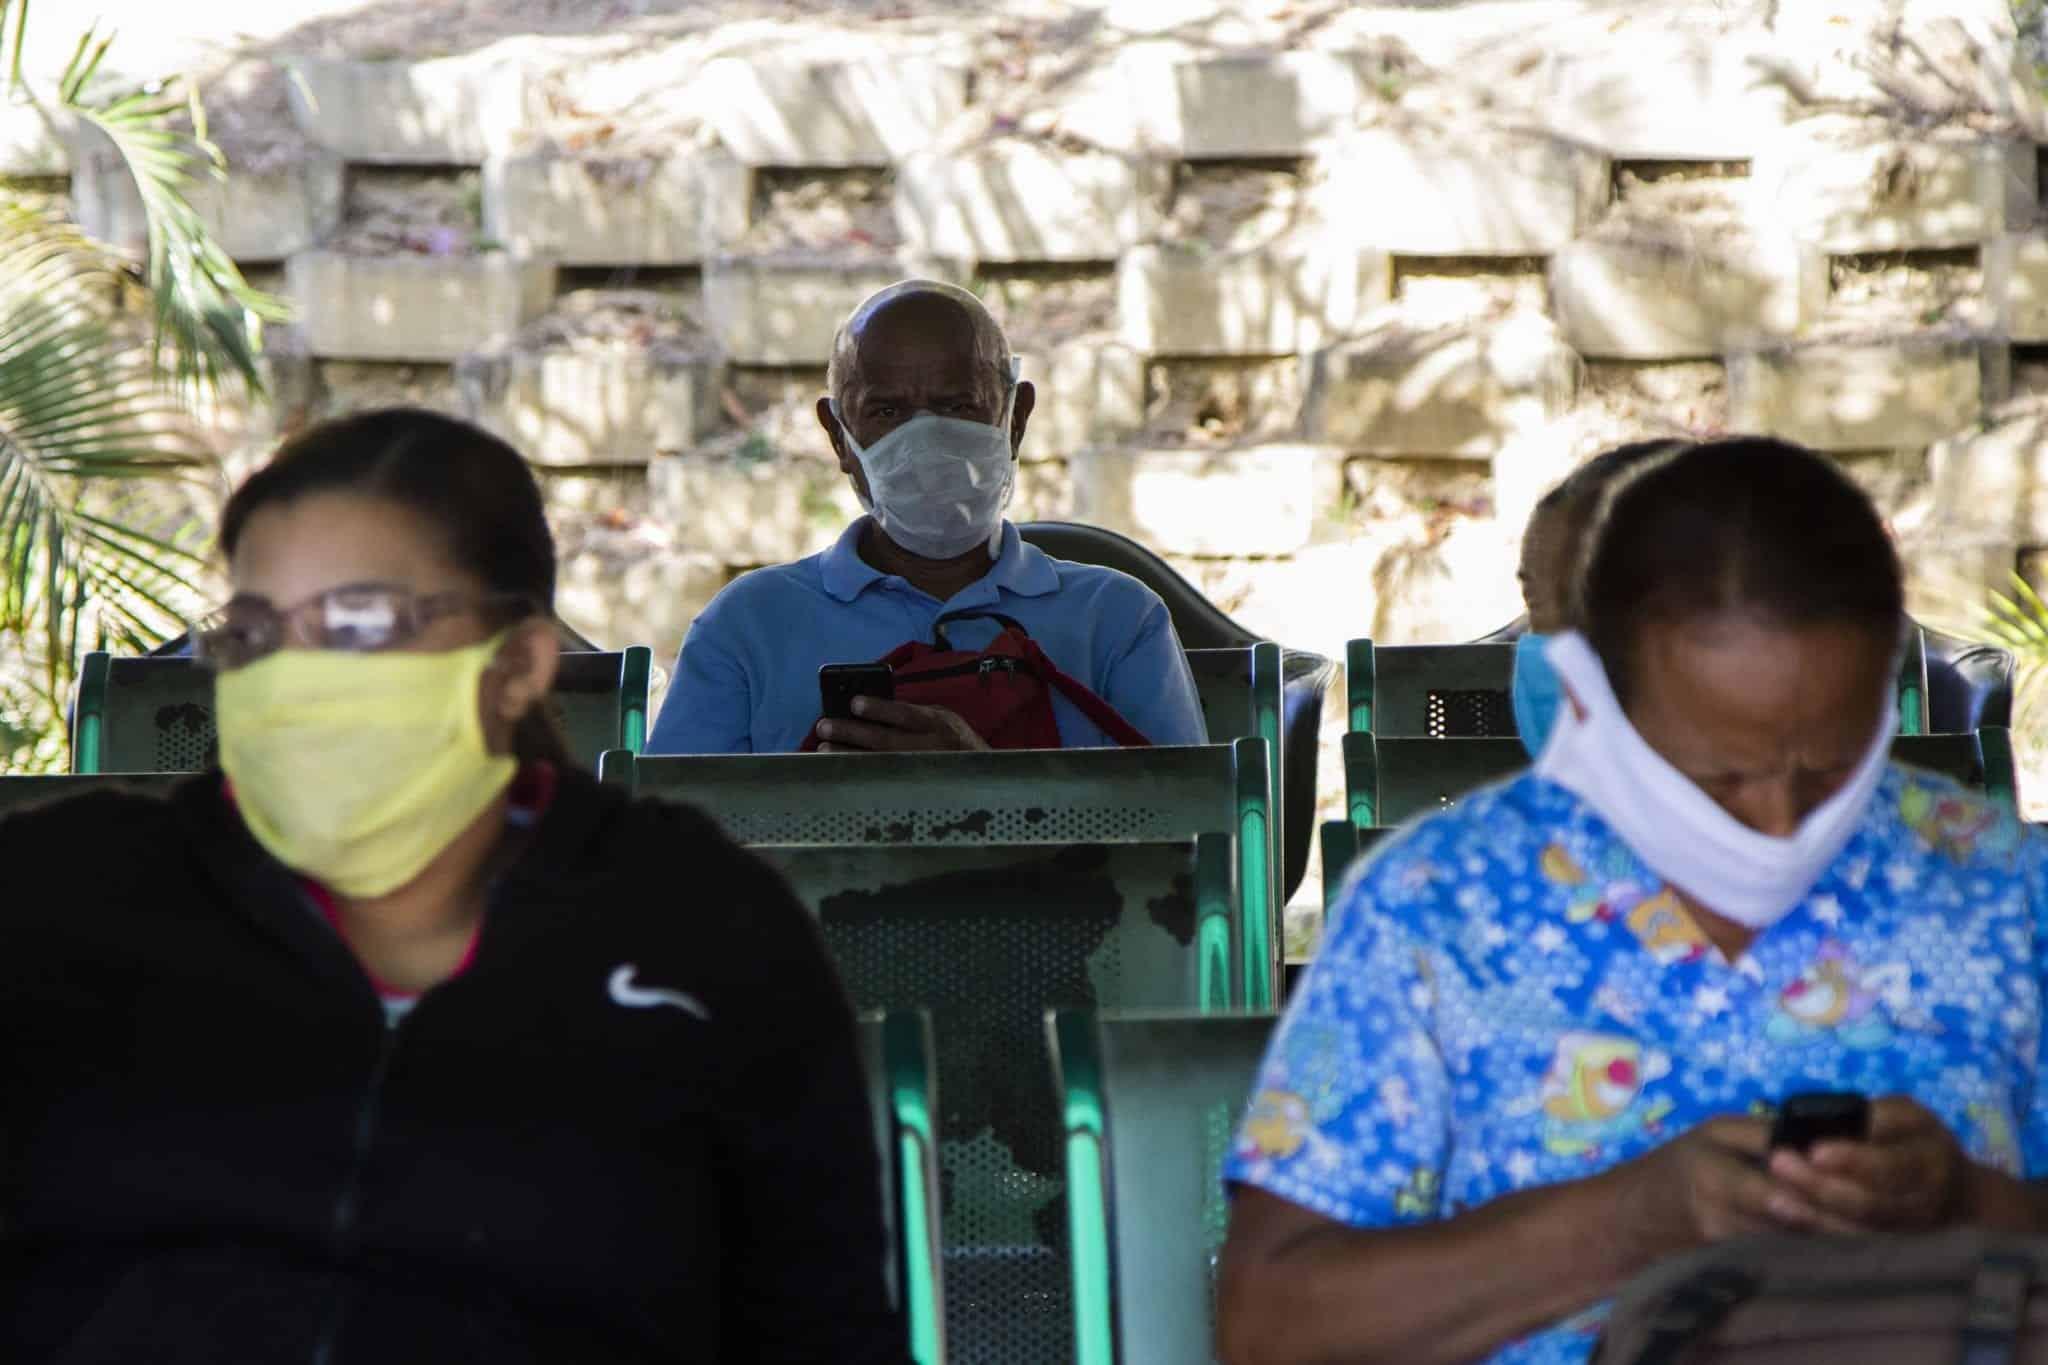 Cuarentena por el COVID-19 en Caracas, Venezuela